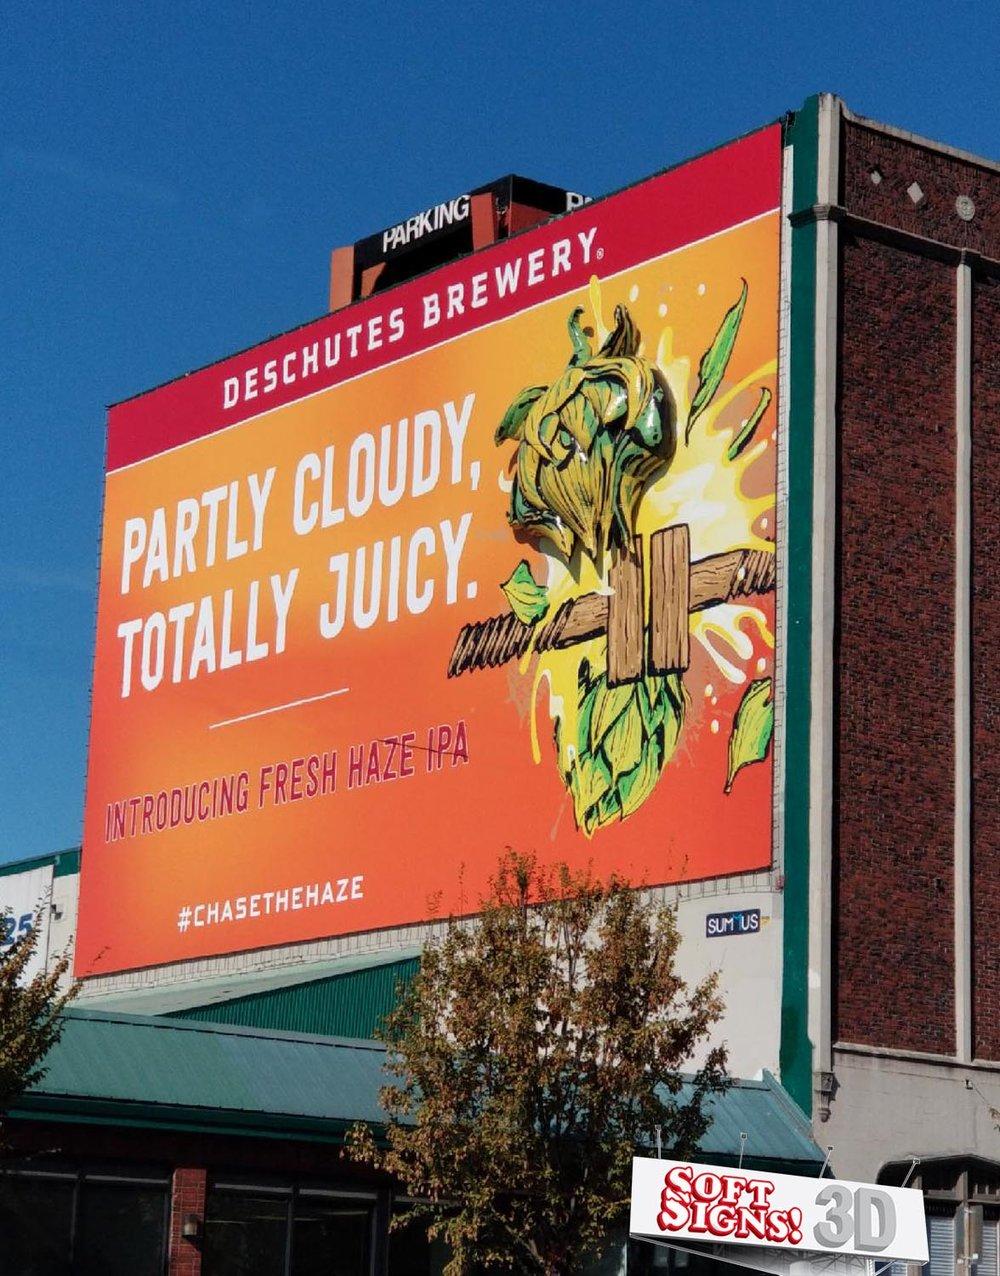 Deschutes Brewery Hops 3D Billboard by Soft Signs 3D